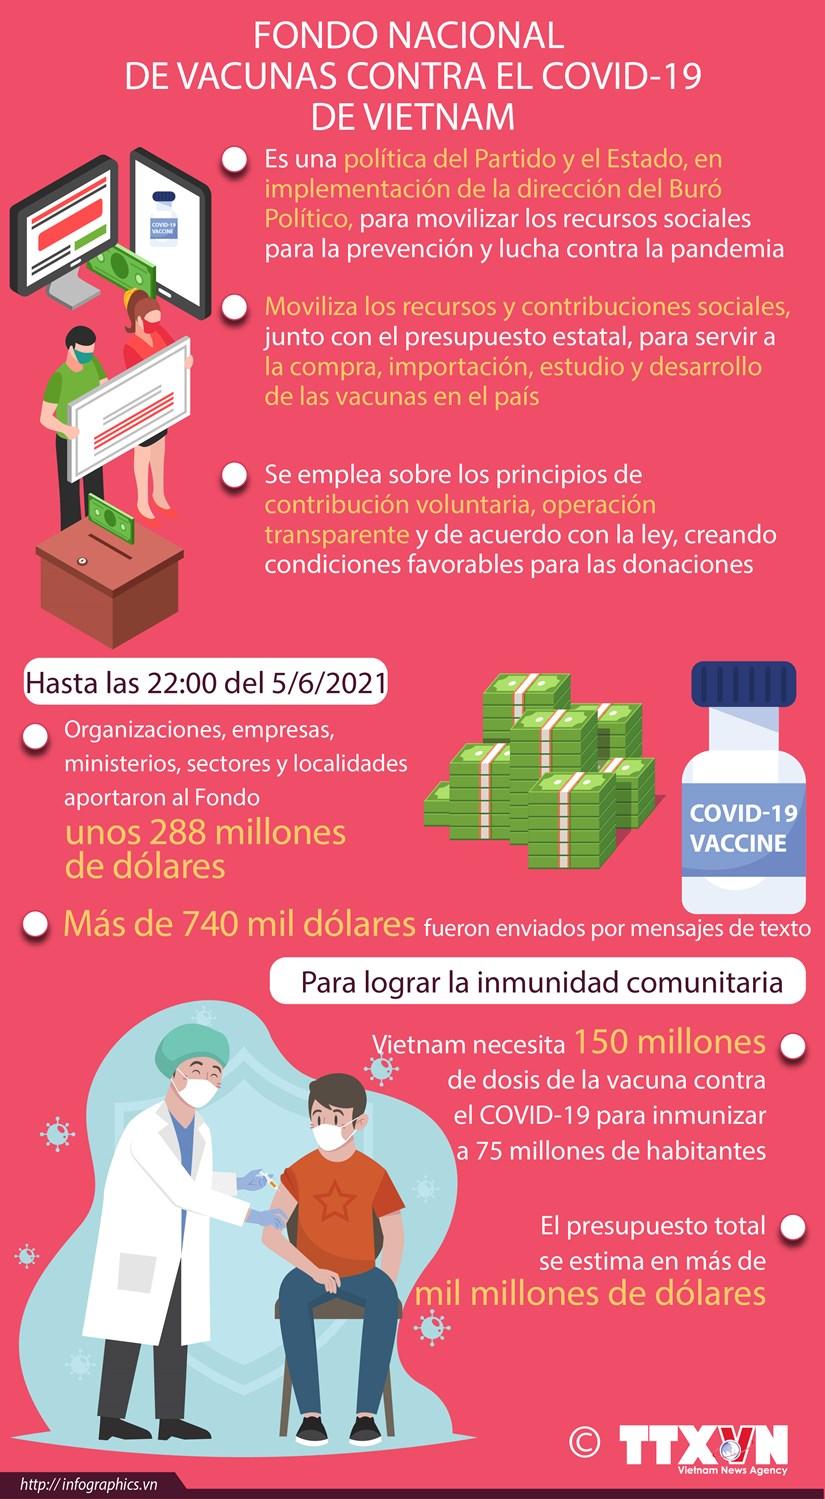 Fondo Nacional de Vacunas contra el COVID-19 de Vietnam hinh anh 1